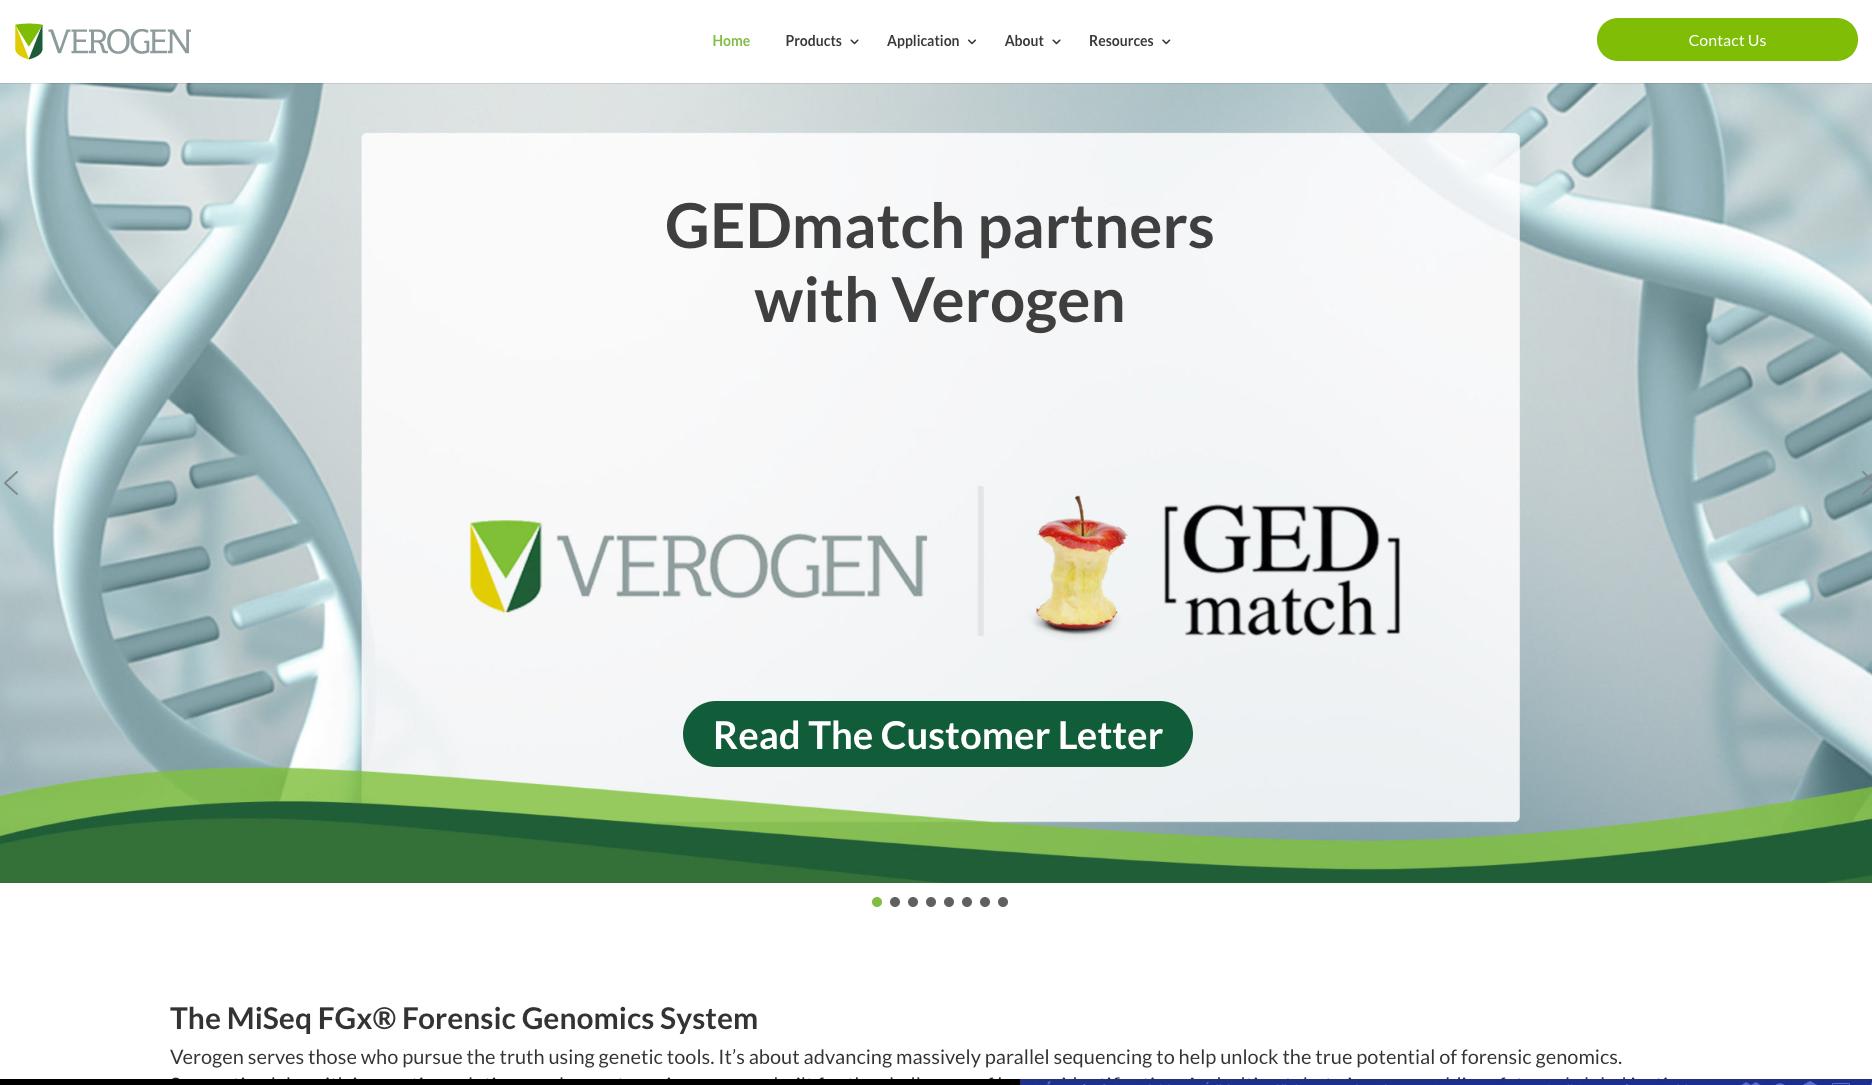 La base de données génétique Gedmatch rachetée par un pro de la recherche policière